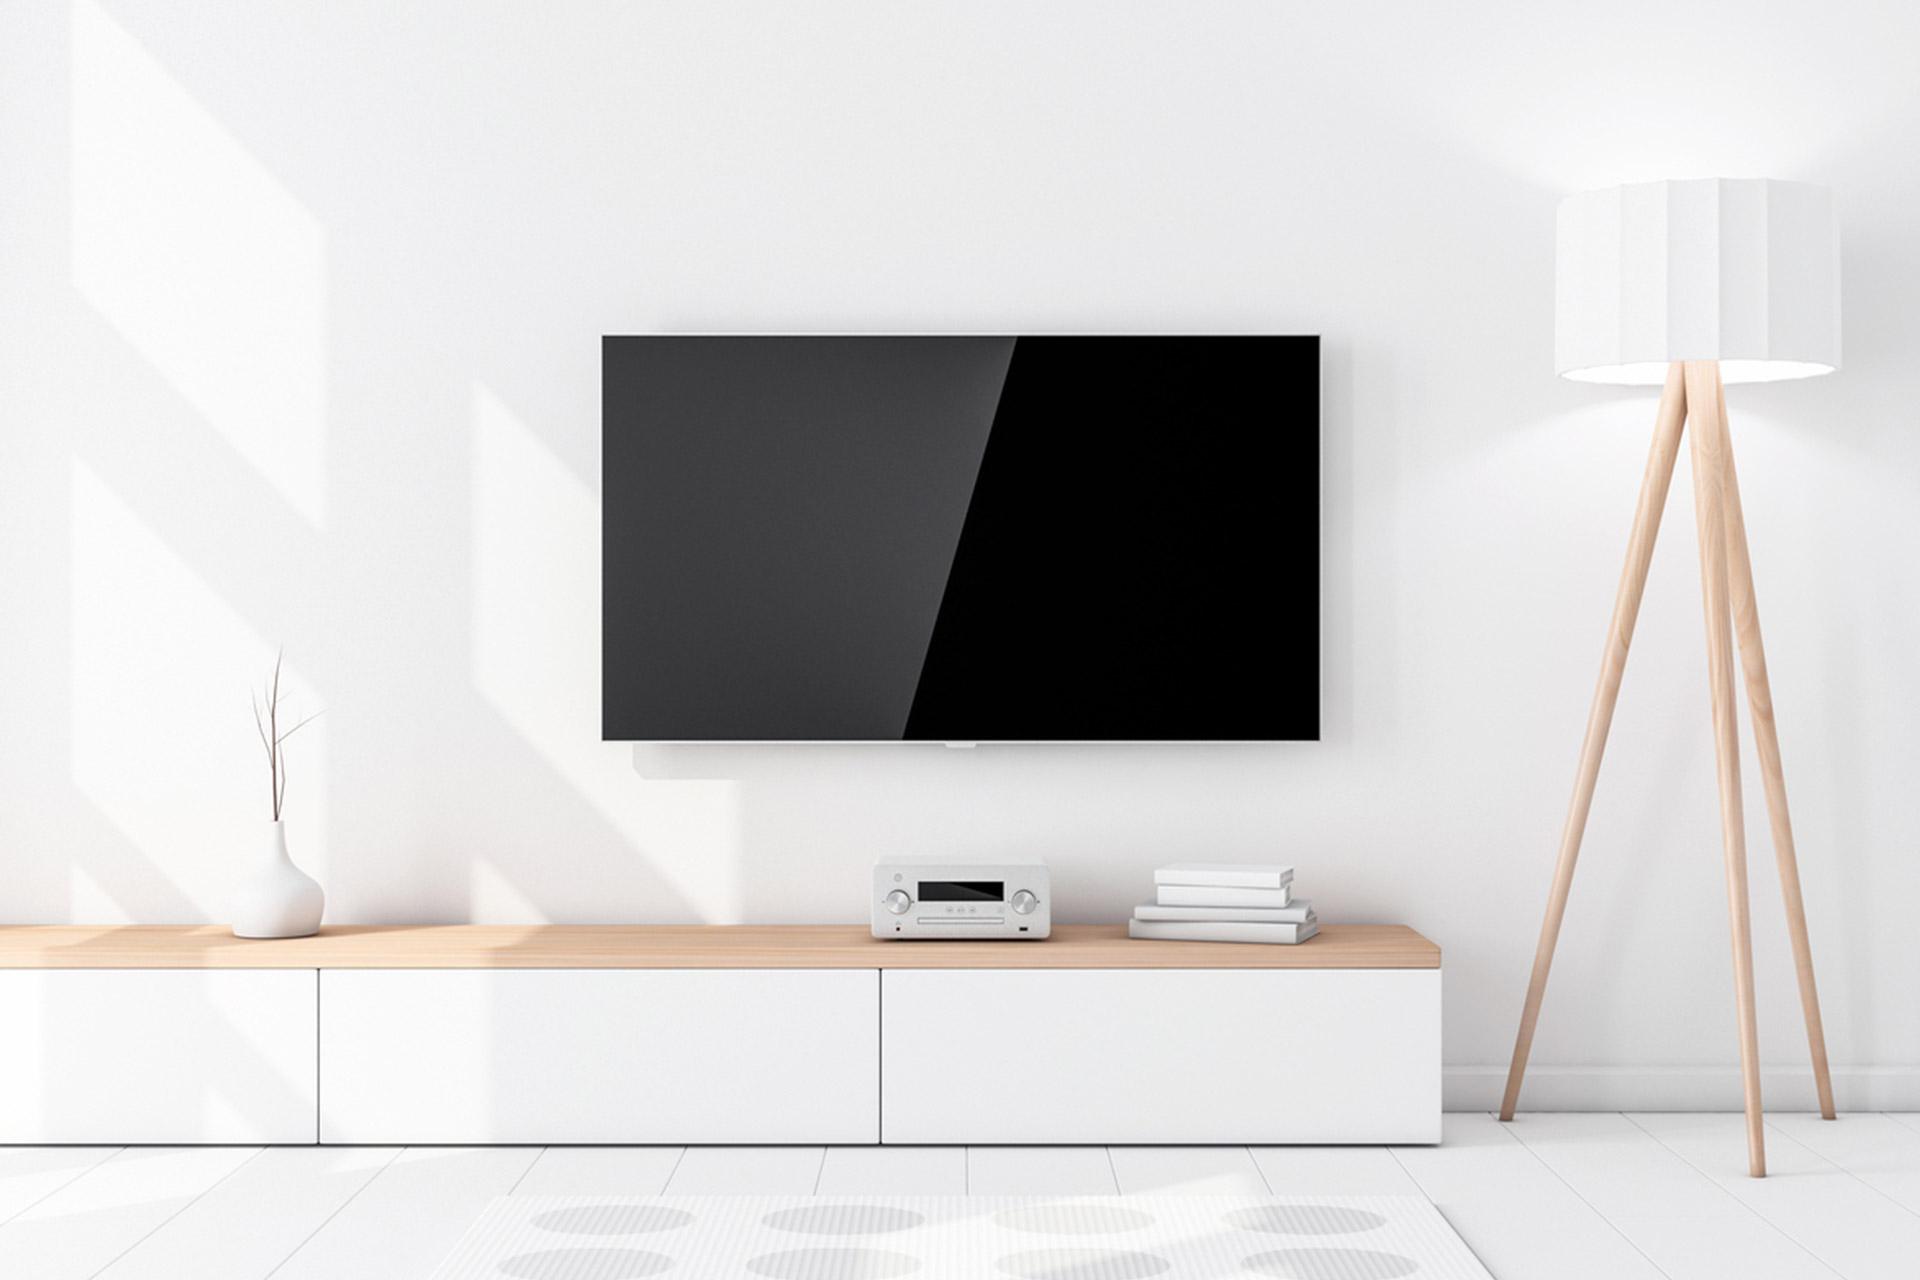 Een TV-meubel: Functioneel Of Trendy?